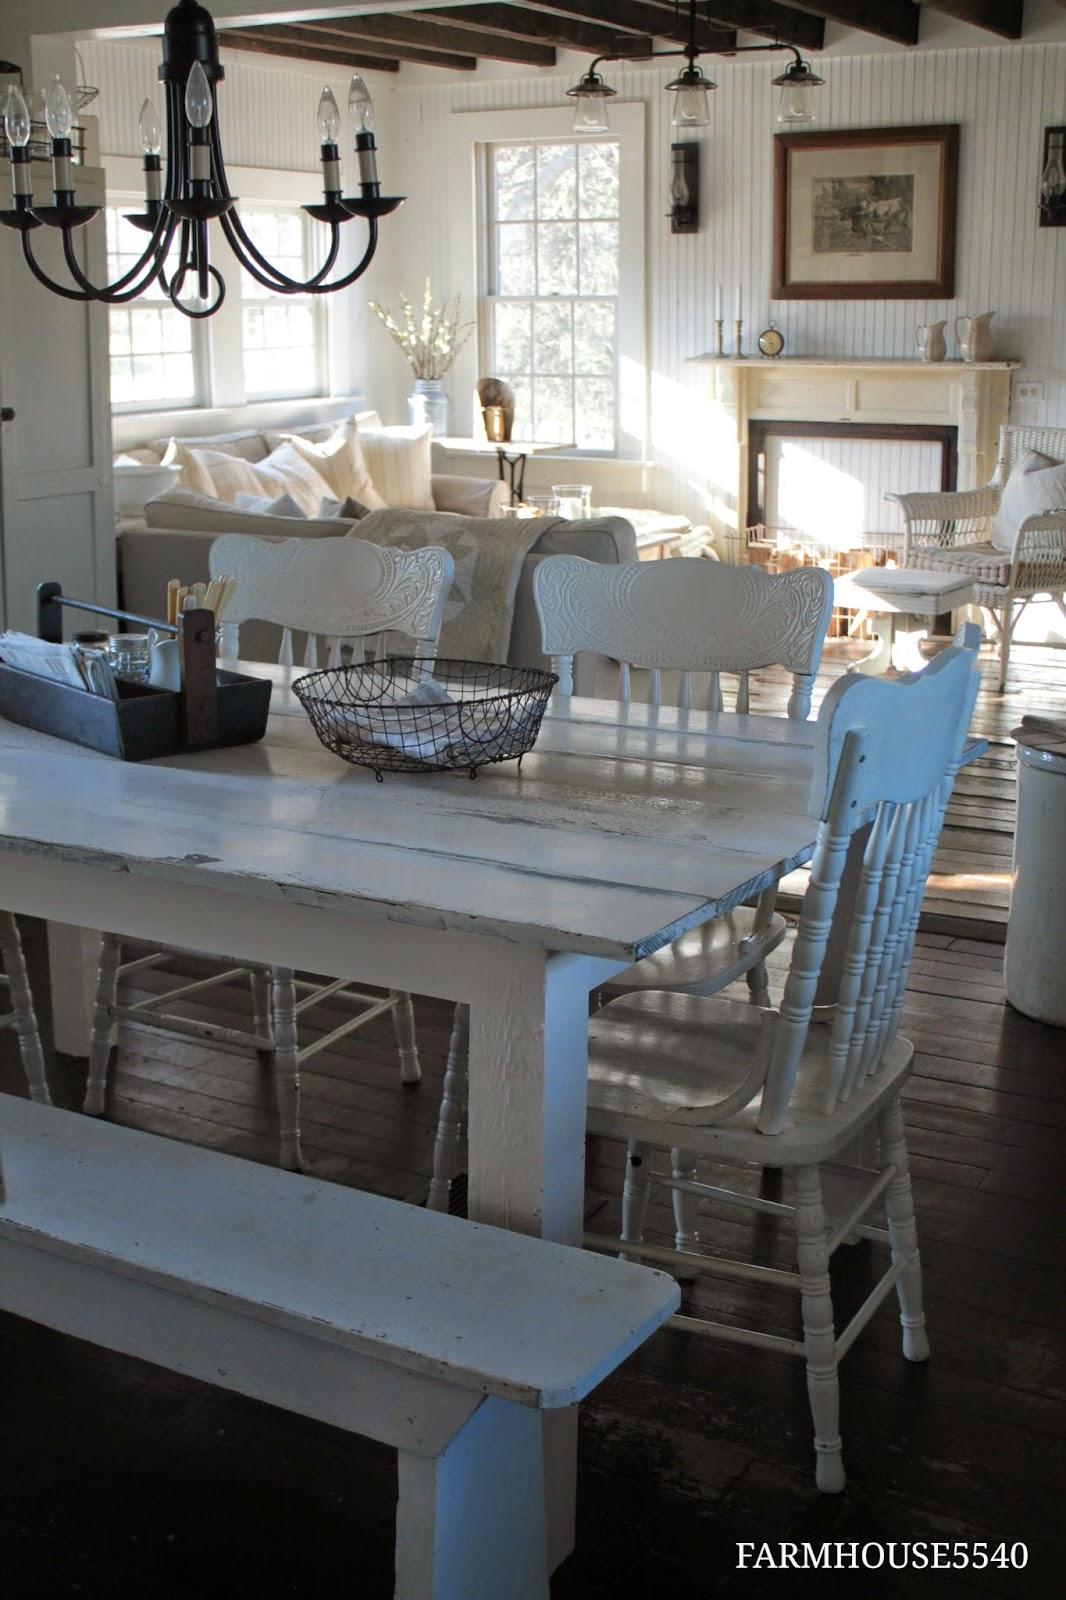 FARMHOUSE 5540 Our Farmhouse Kitchen Table